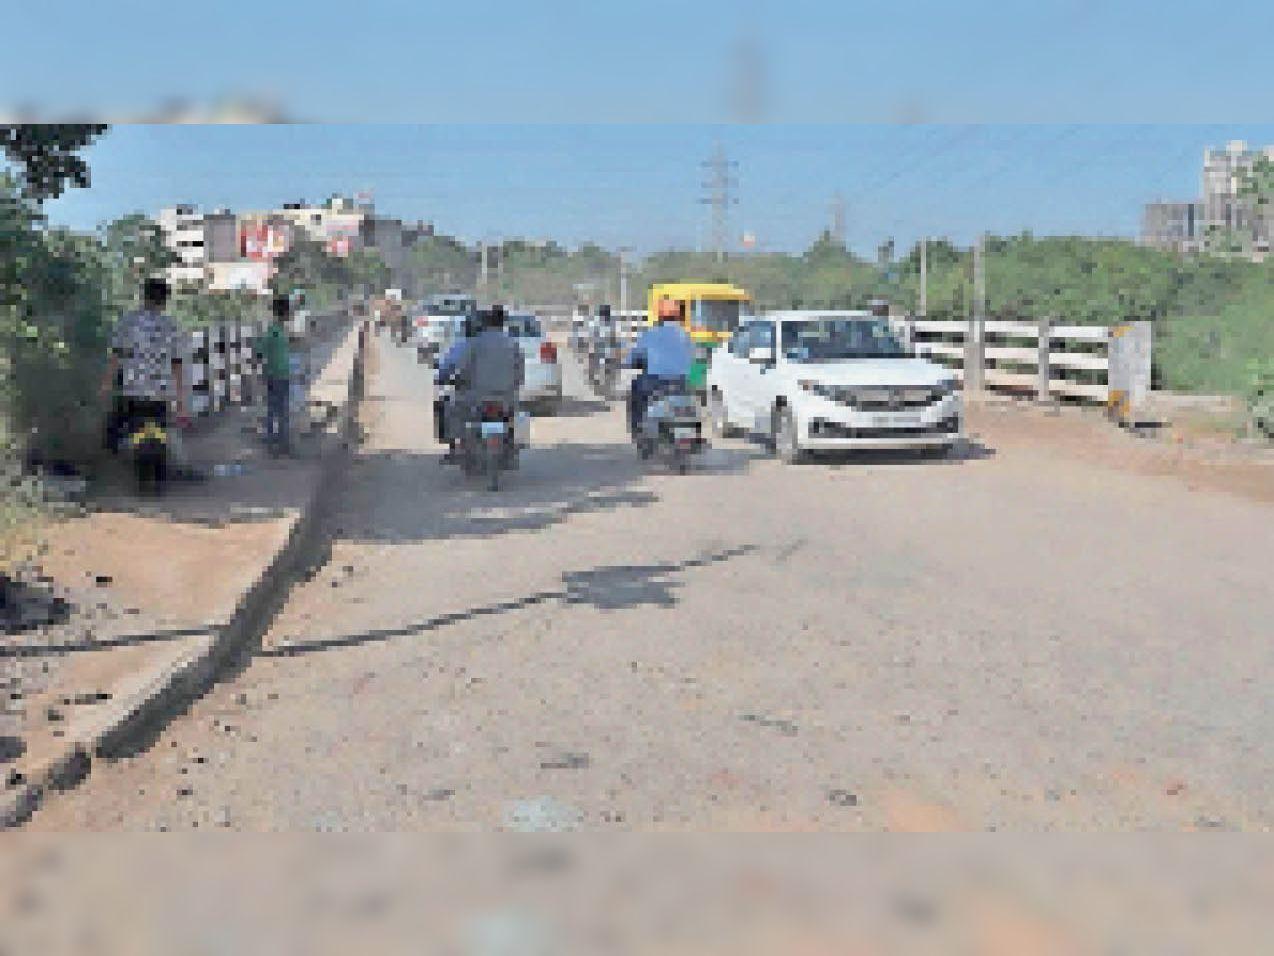 पुल के निर्माण का सारा काम दोबारा से किया जाना चाहिए। - Dainik Bhaskar